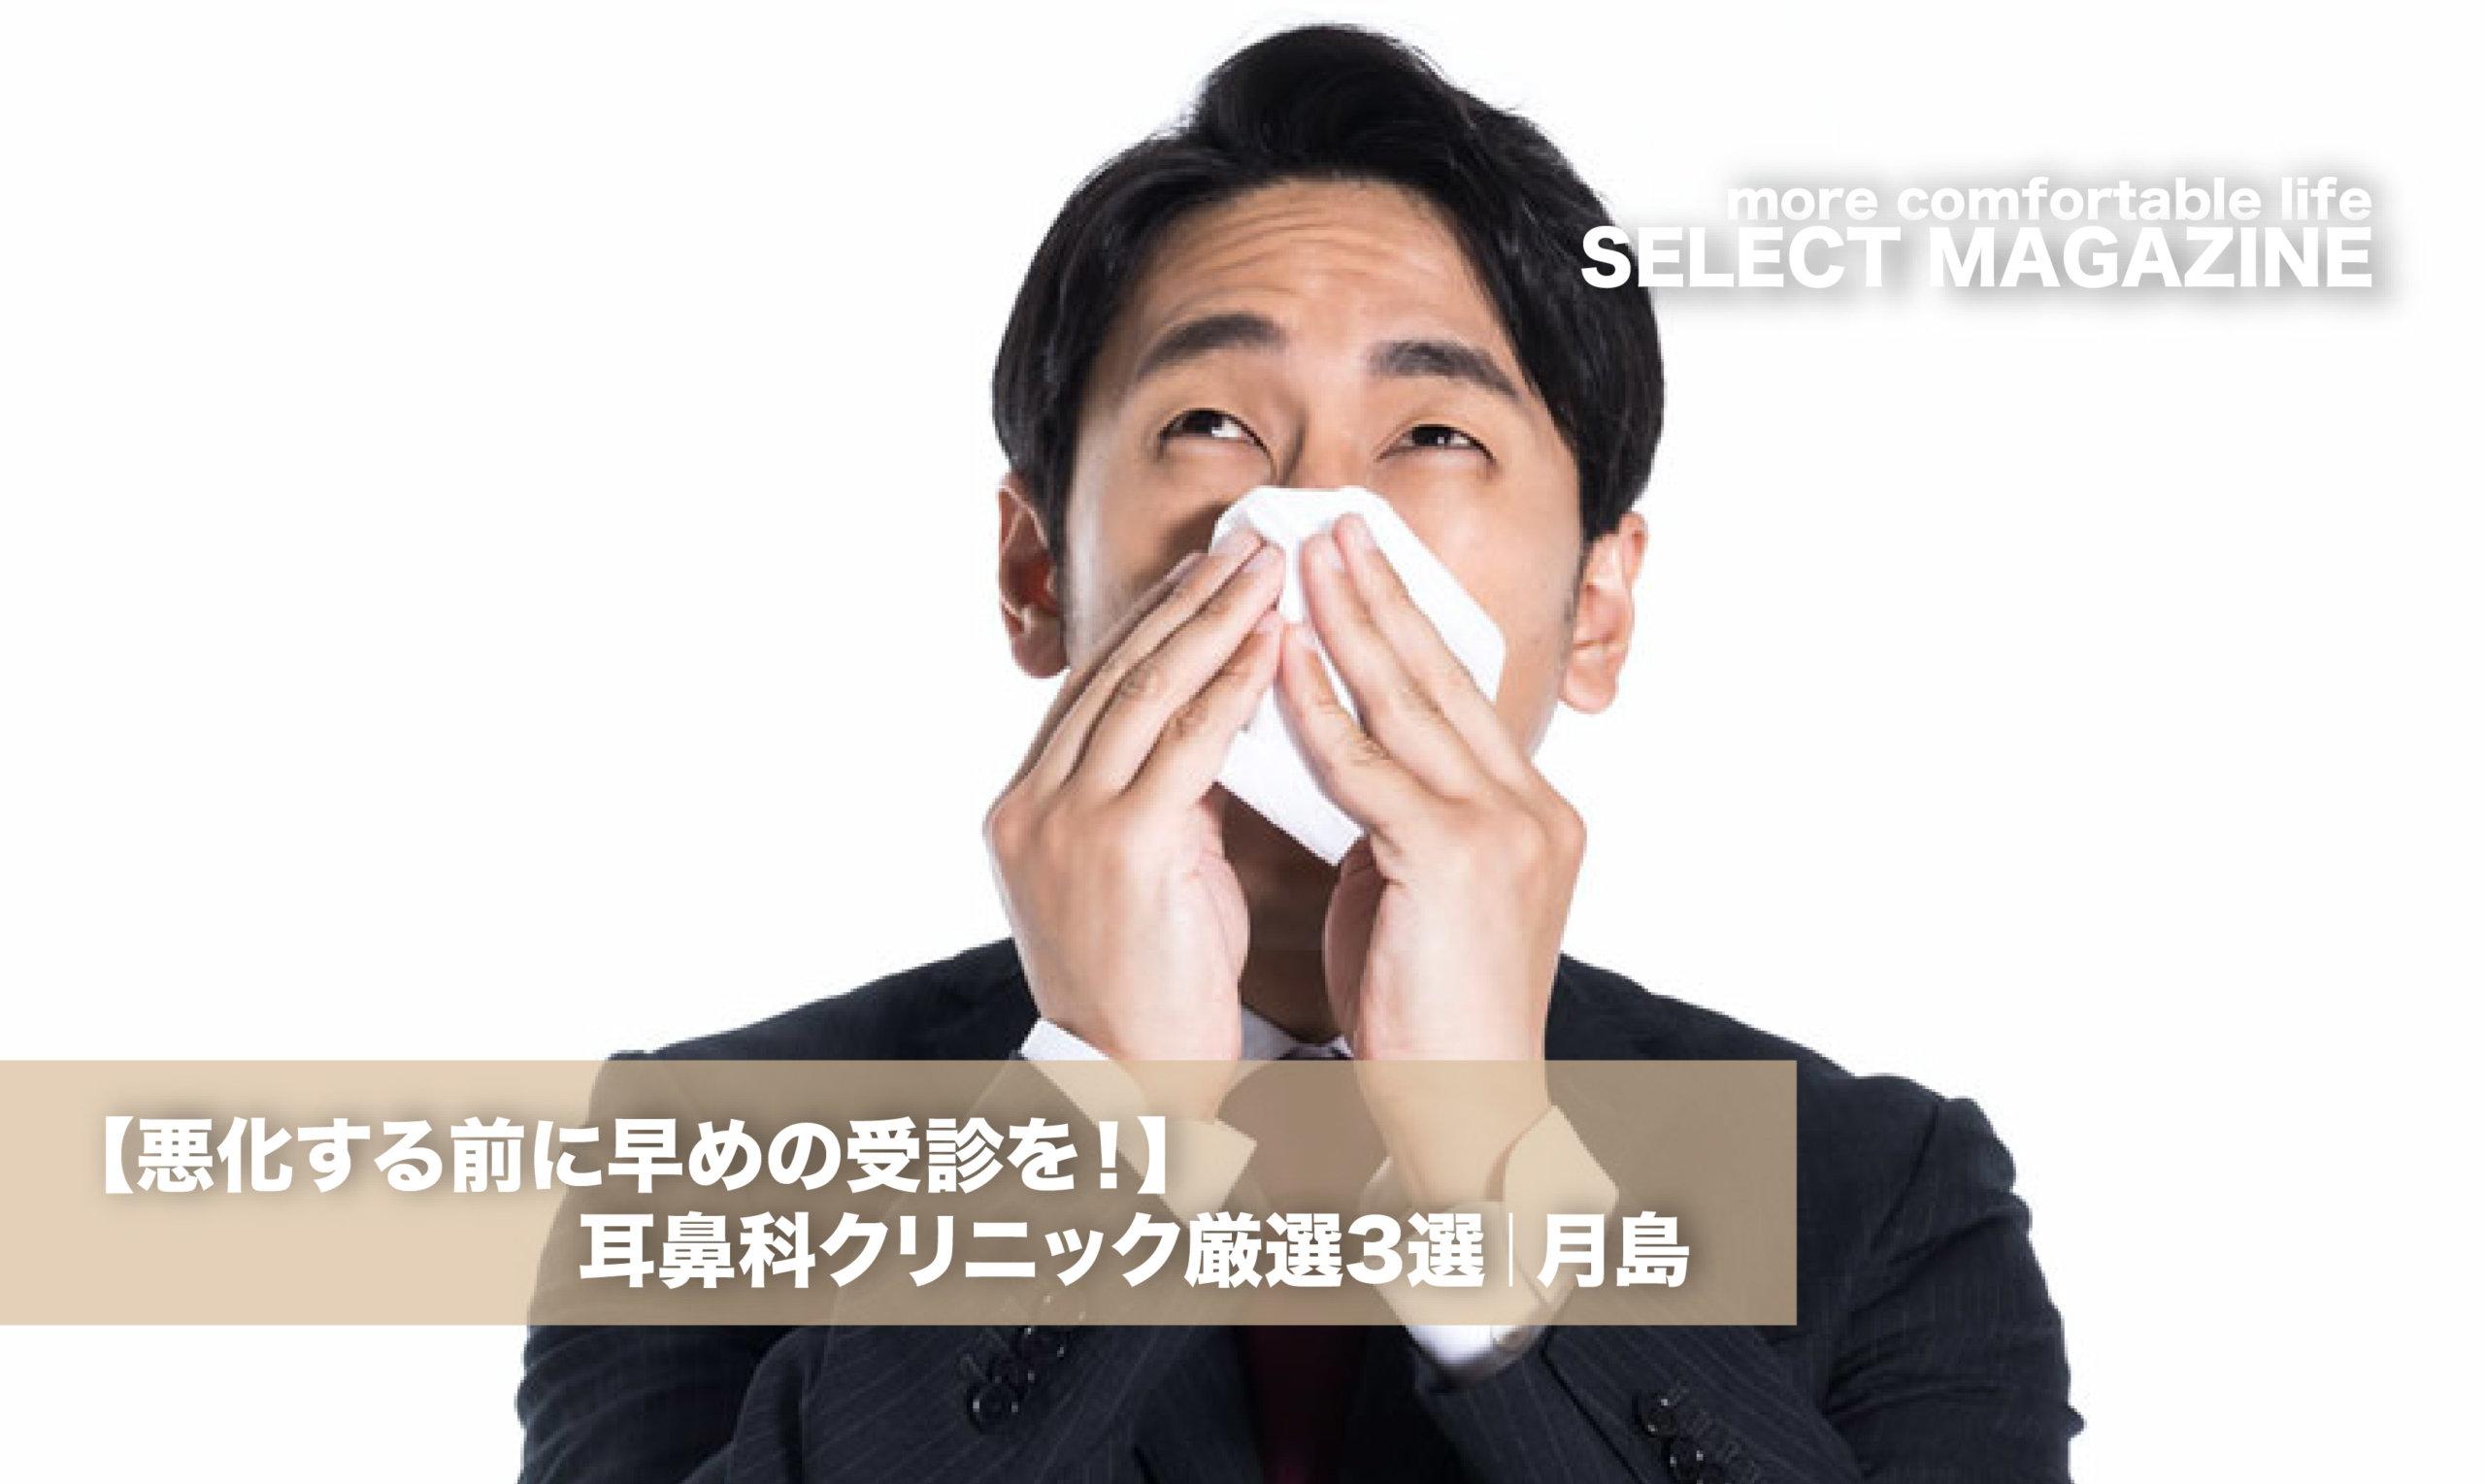 【悪化する前に早めに受診を!】耳鼻科クリニック厳選3選|月島